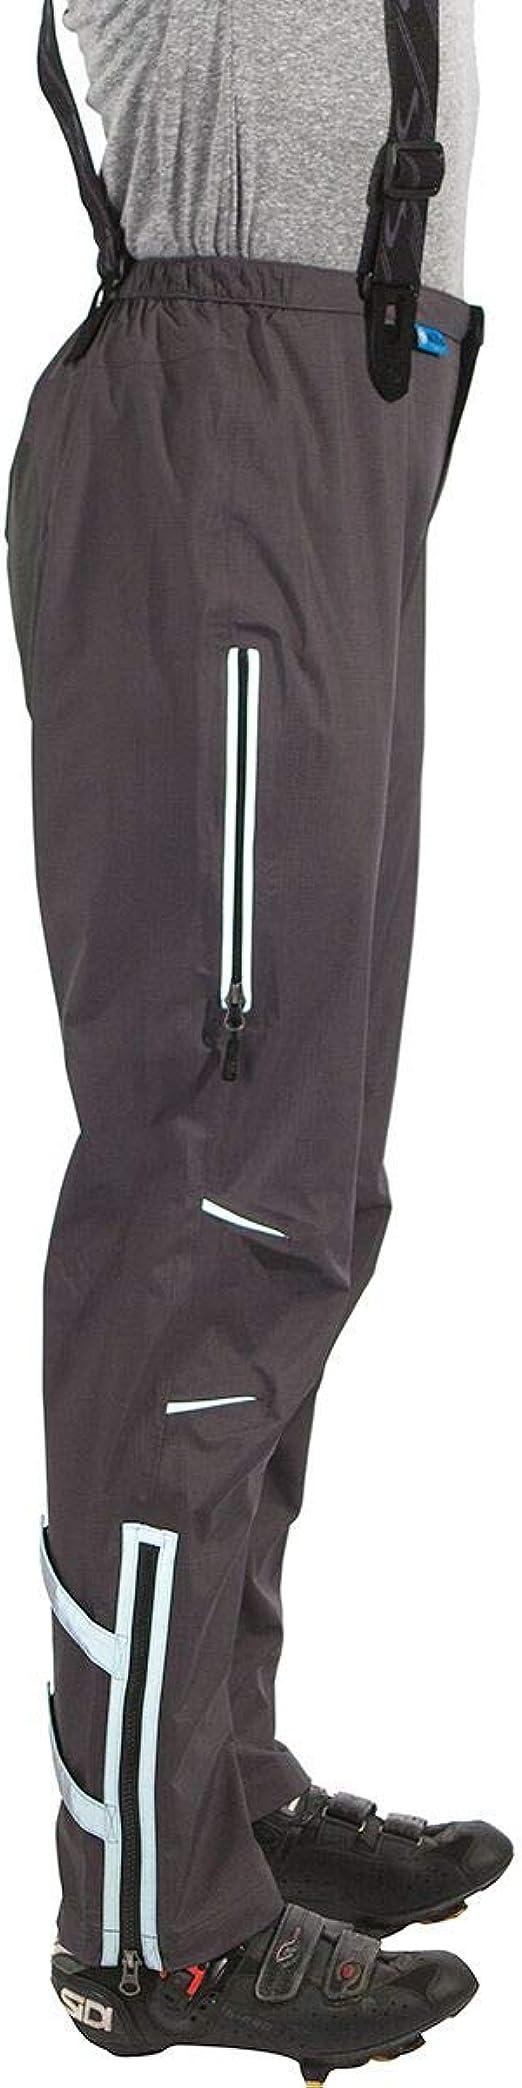 Amazon Com Showers Pass Refuge Pant Pantalones De Esqui Para Mujer Clothing